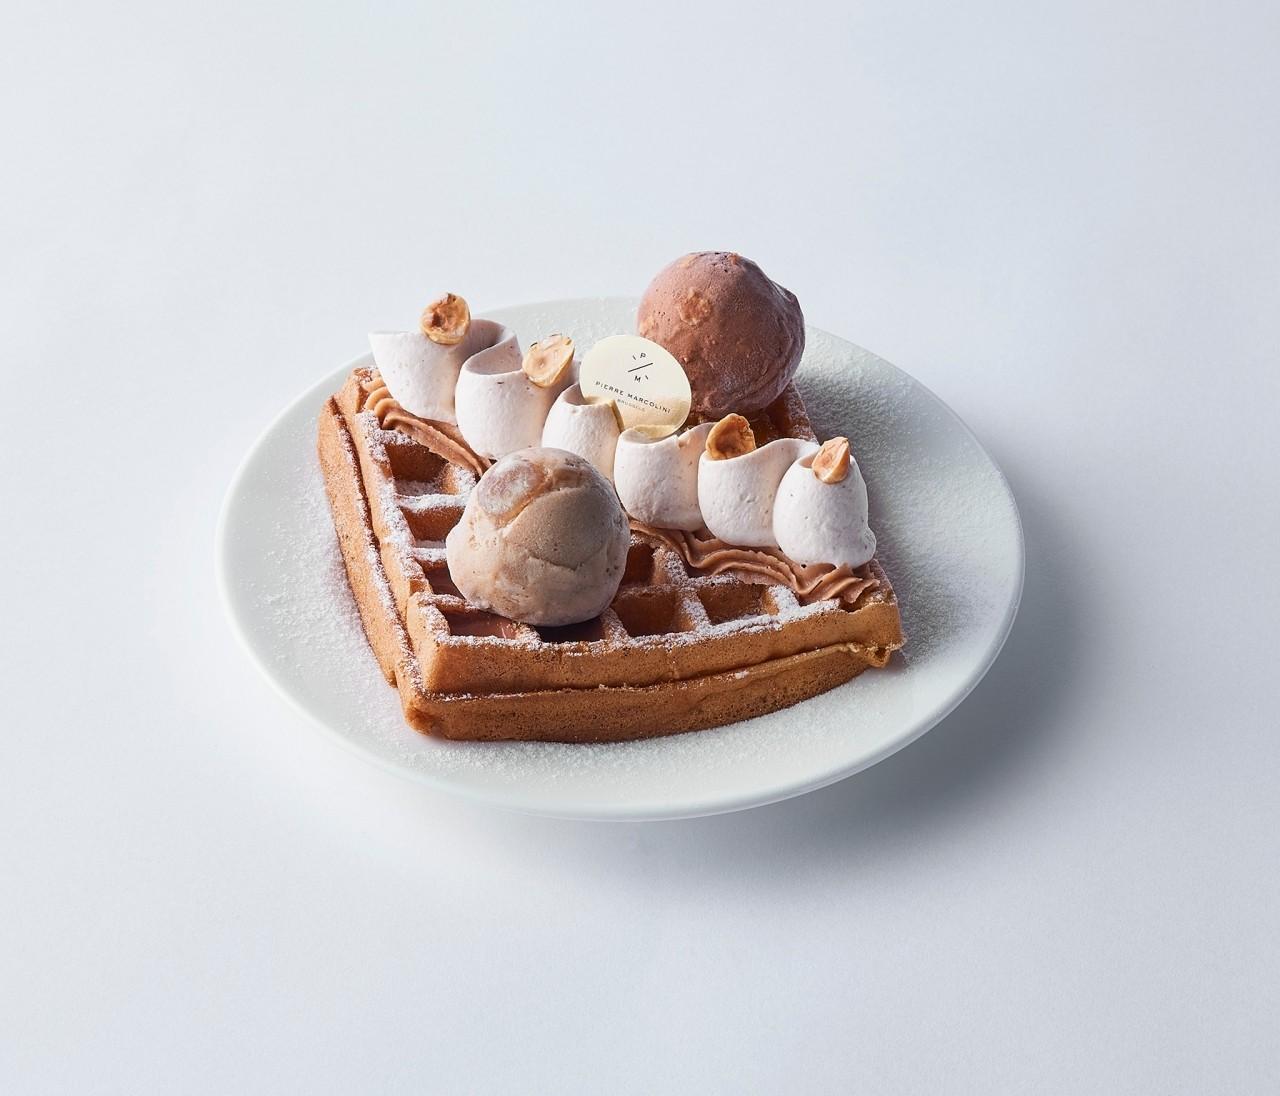 「ピエール マルコリーニ」で秋限定のカフェメニューがスタート!日本初のジャンドゥーヤアイスクリームを使ったスイーツも